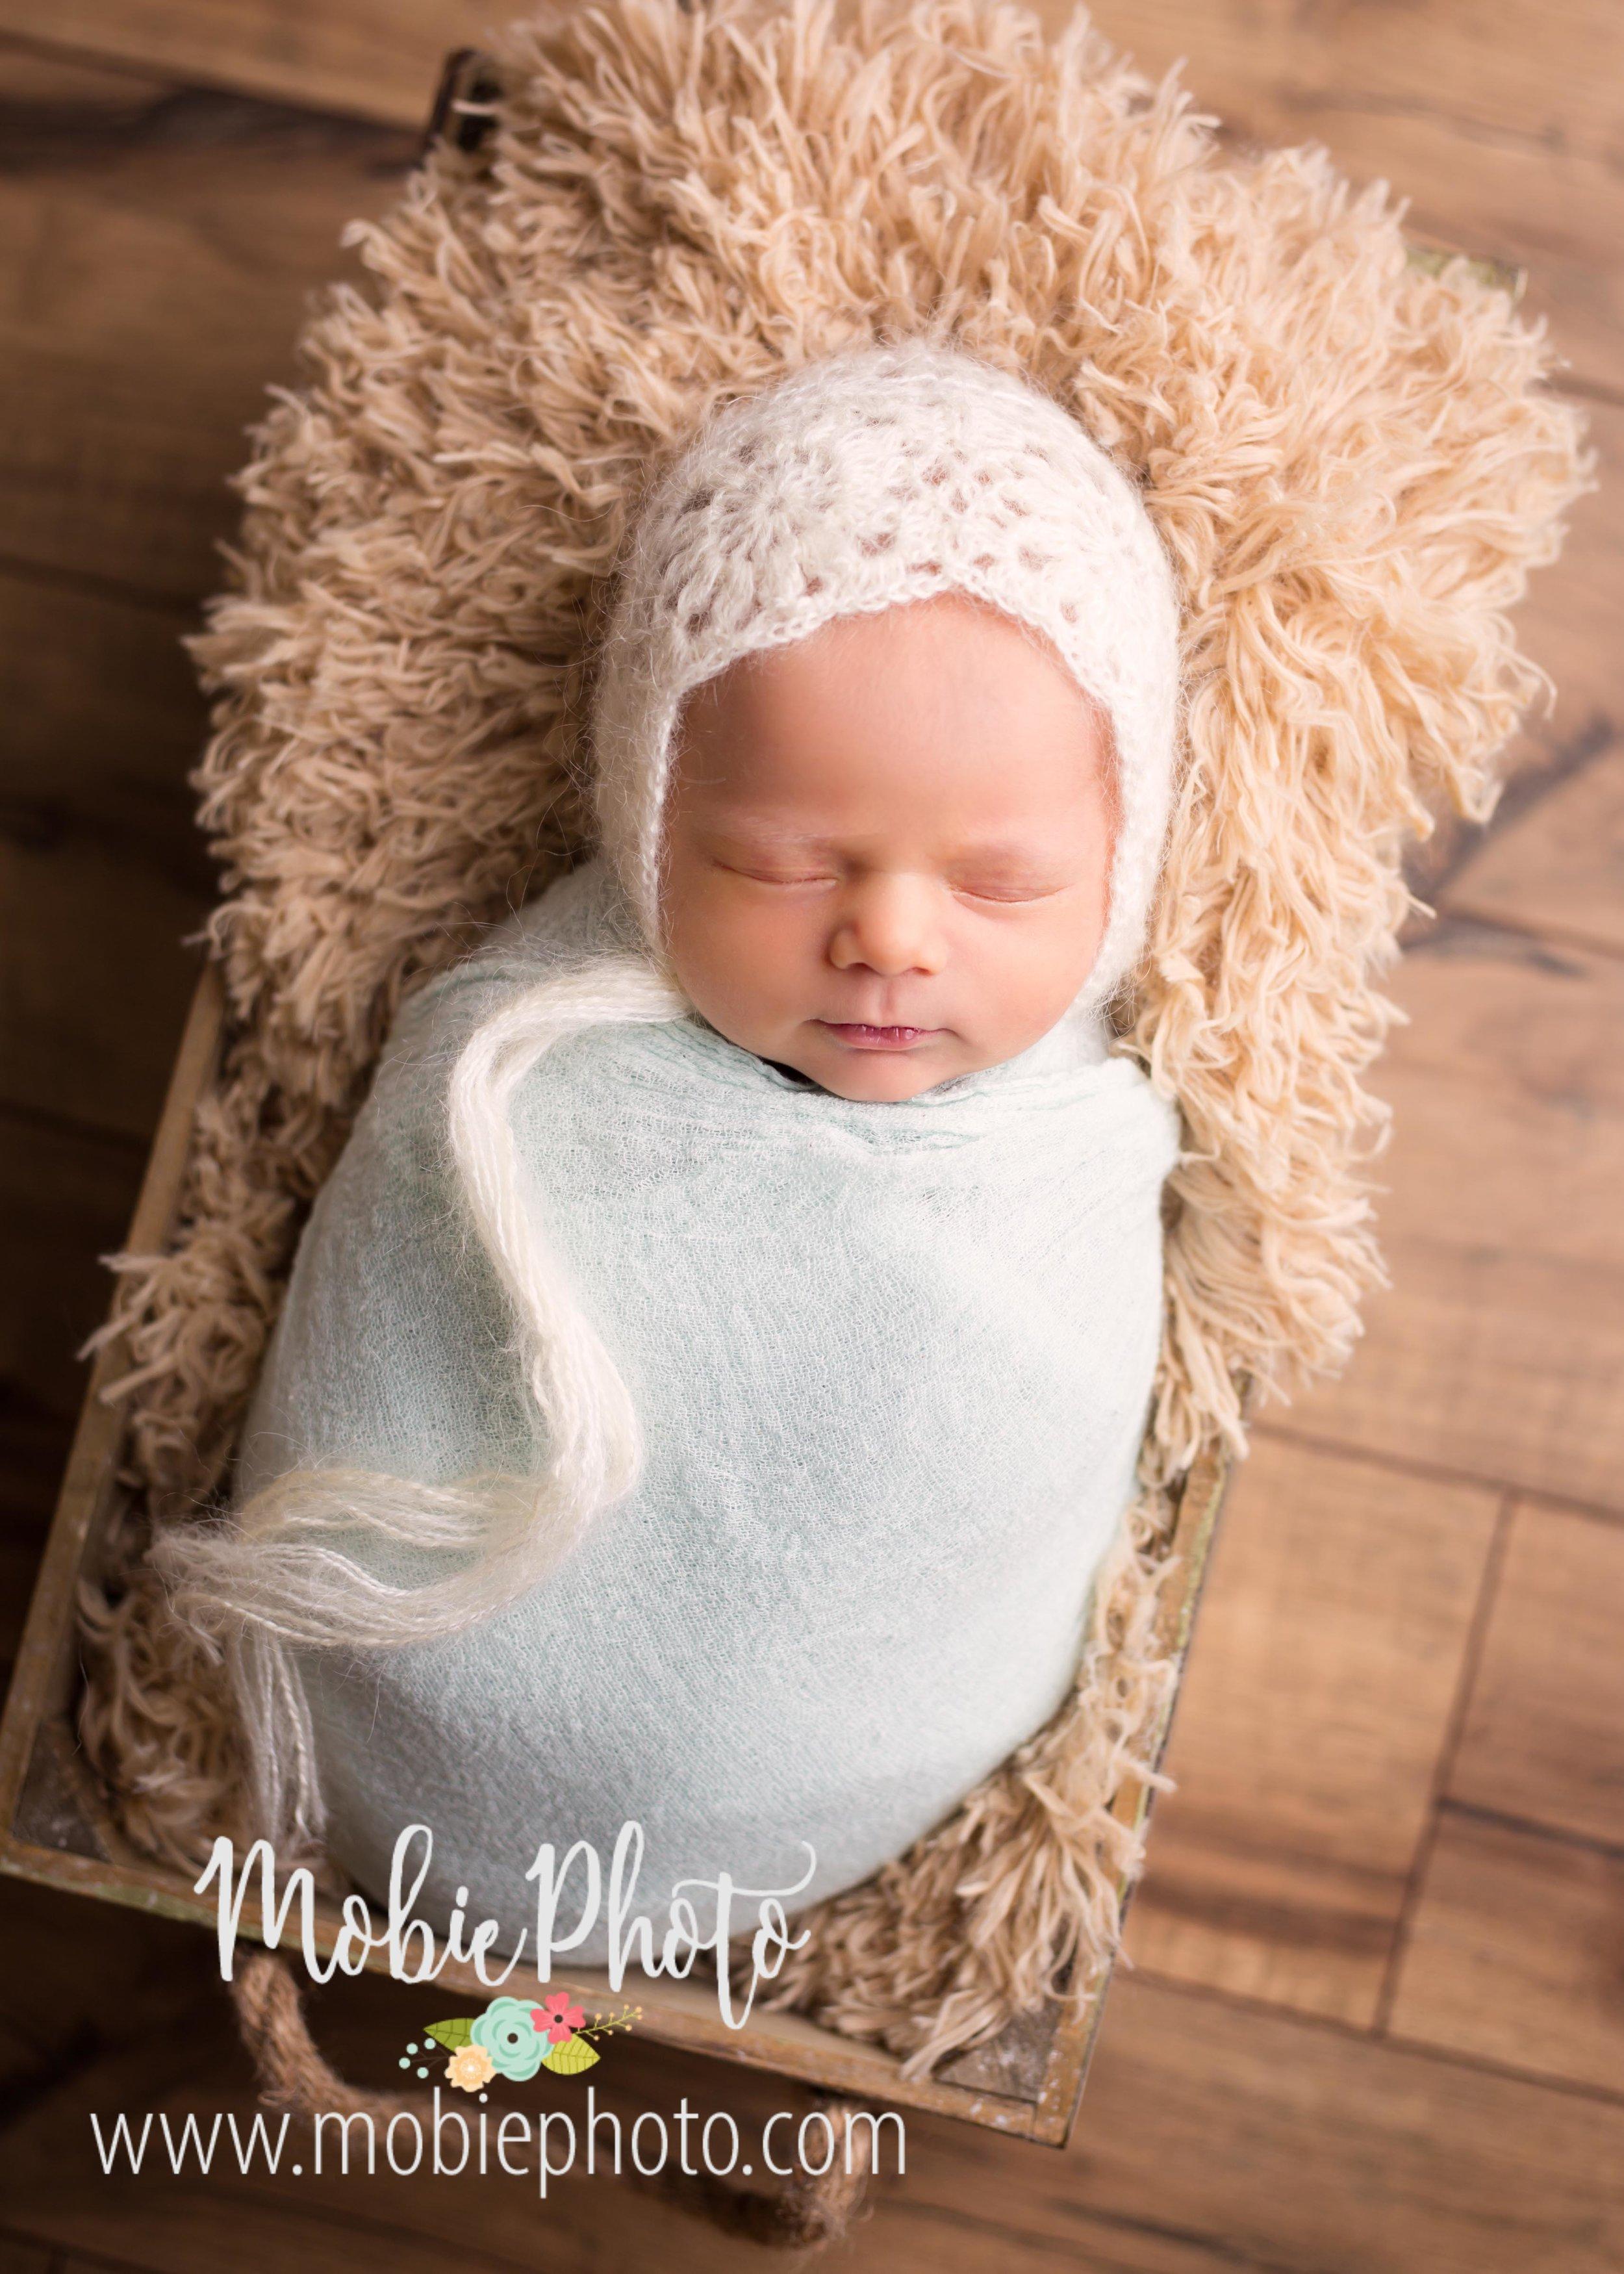 Lehi, Utah Newborn Photographer - Baby Girl Newborn Session